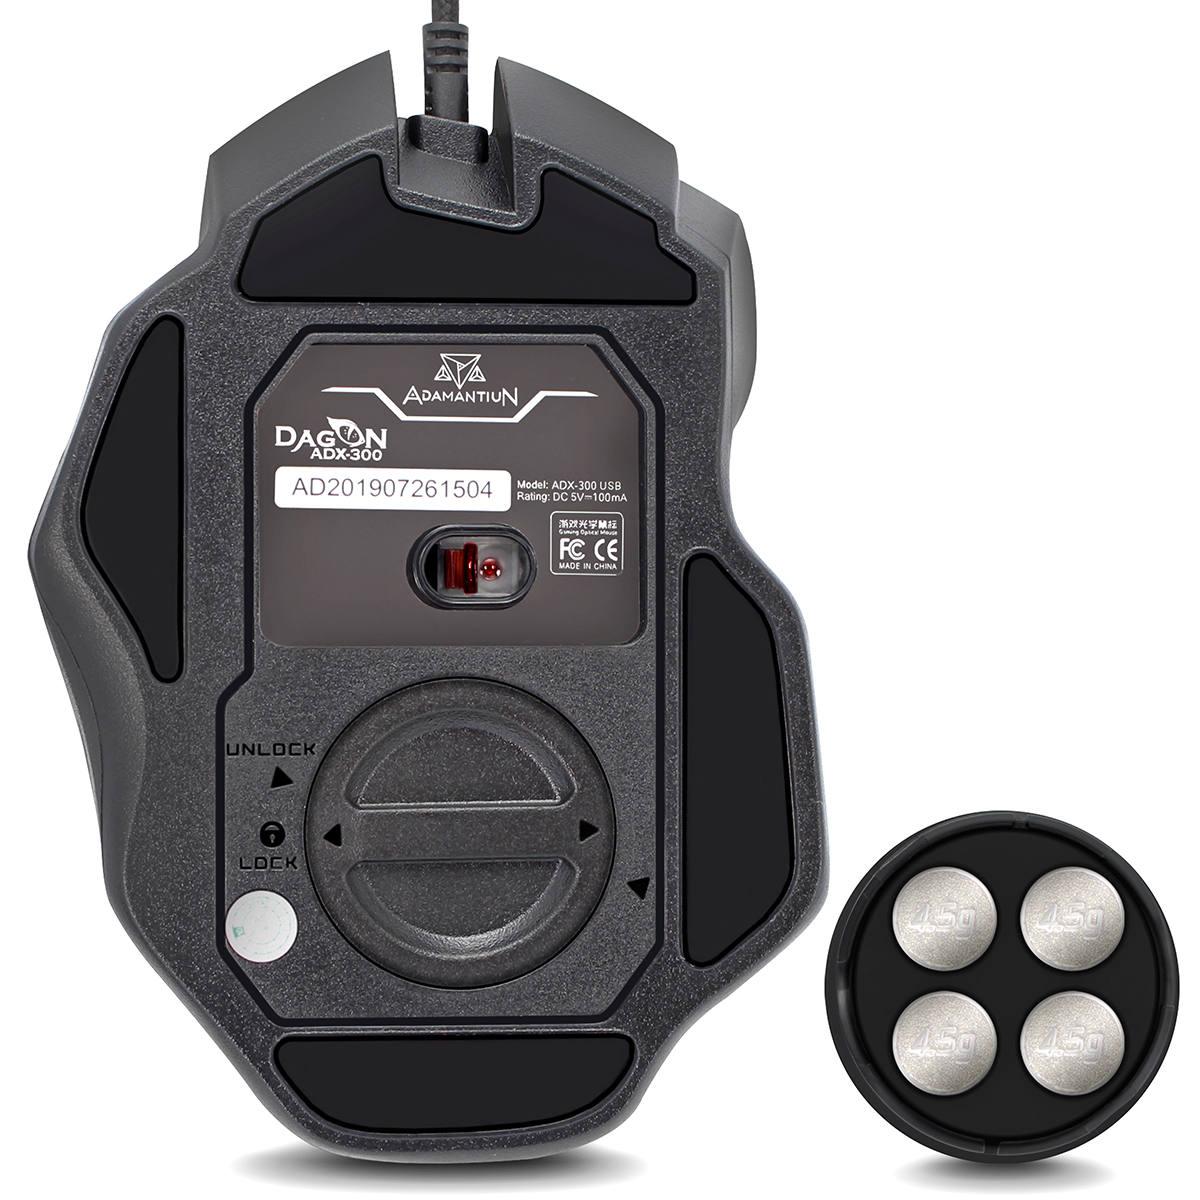 Mouse Gamer com Ajuste de Pesos 7 Botões Macro com Memória Interna 6400 DPI Pegada Palm Grip Adamantiun Dagon ADX-300